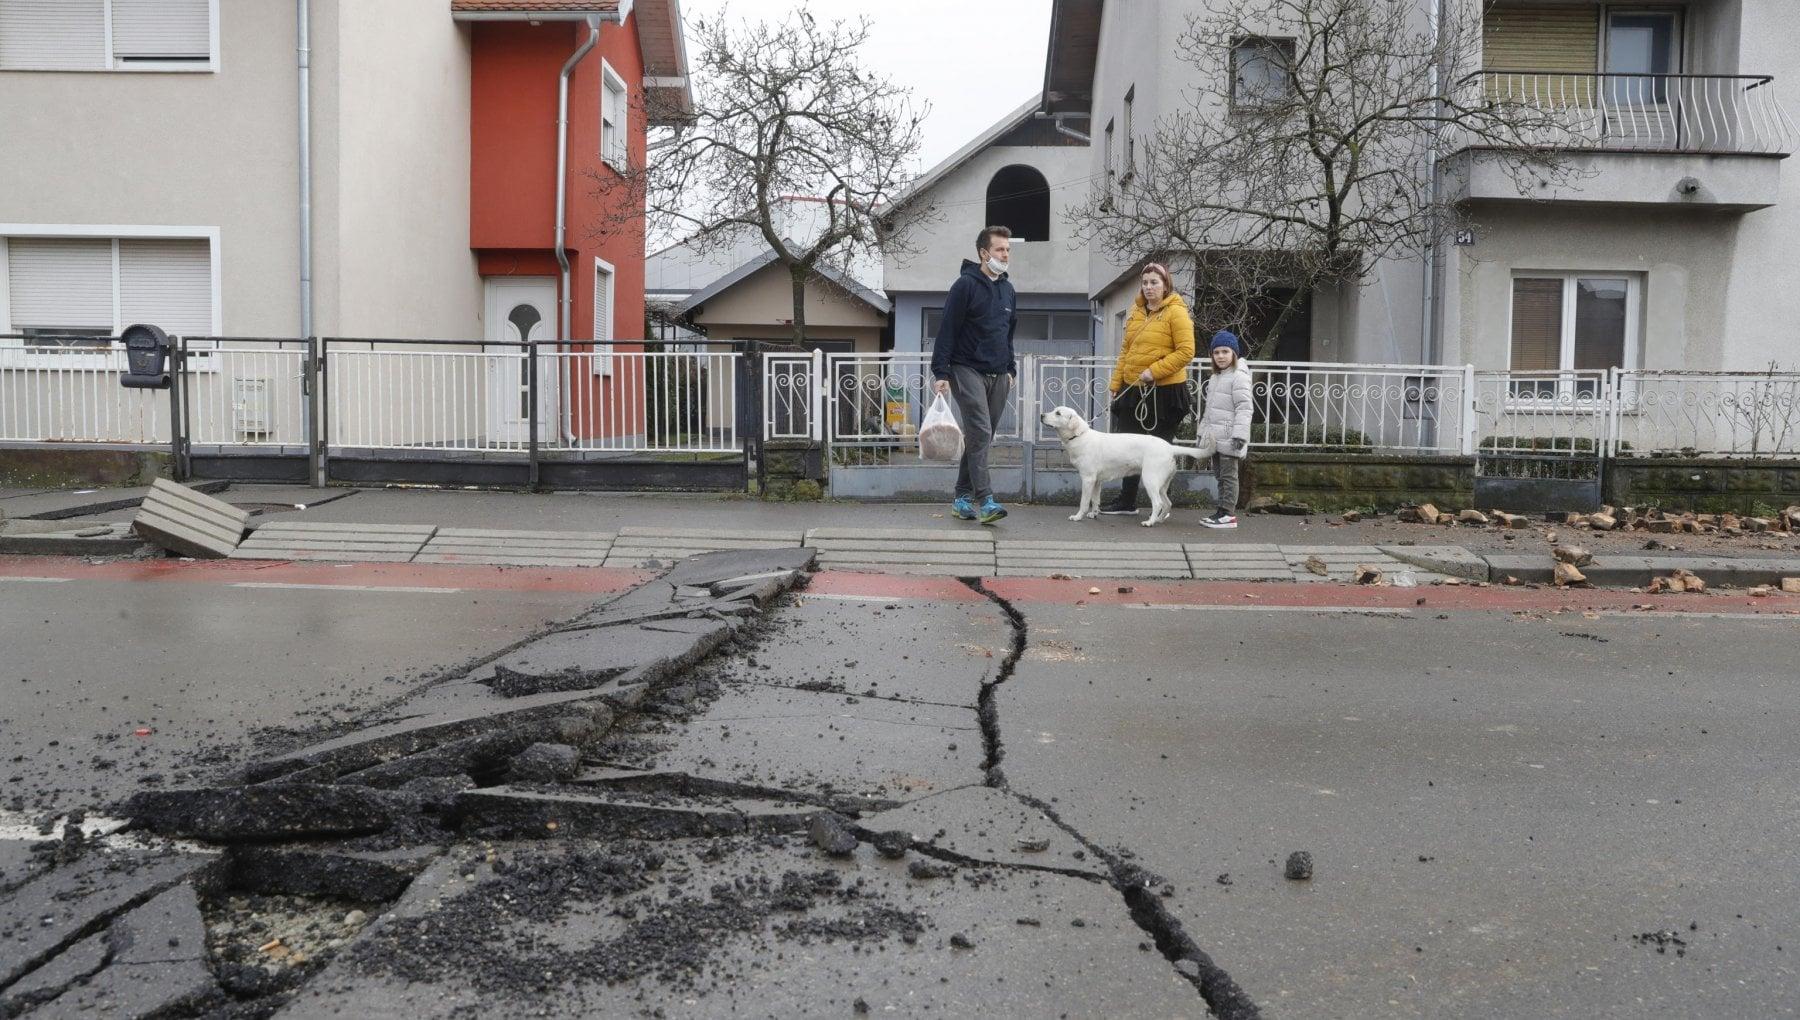 Croazia ancora scosse nella notte trascorsa al gelo dai terremotati